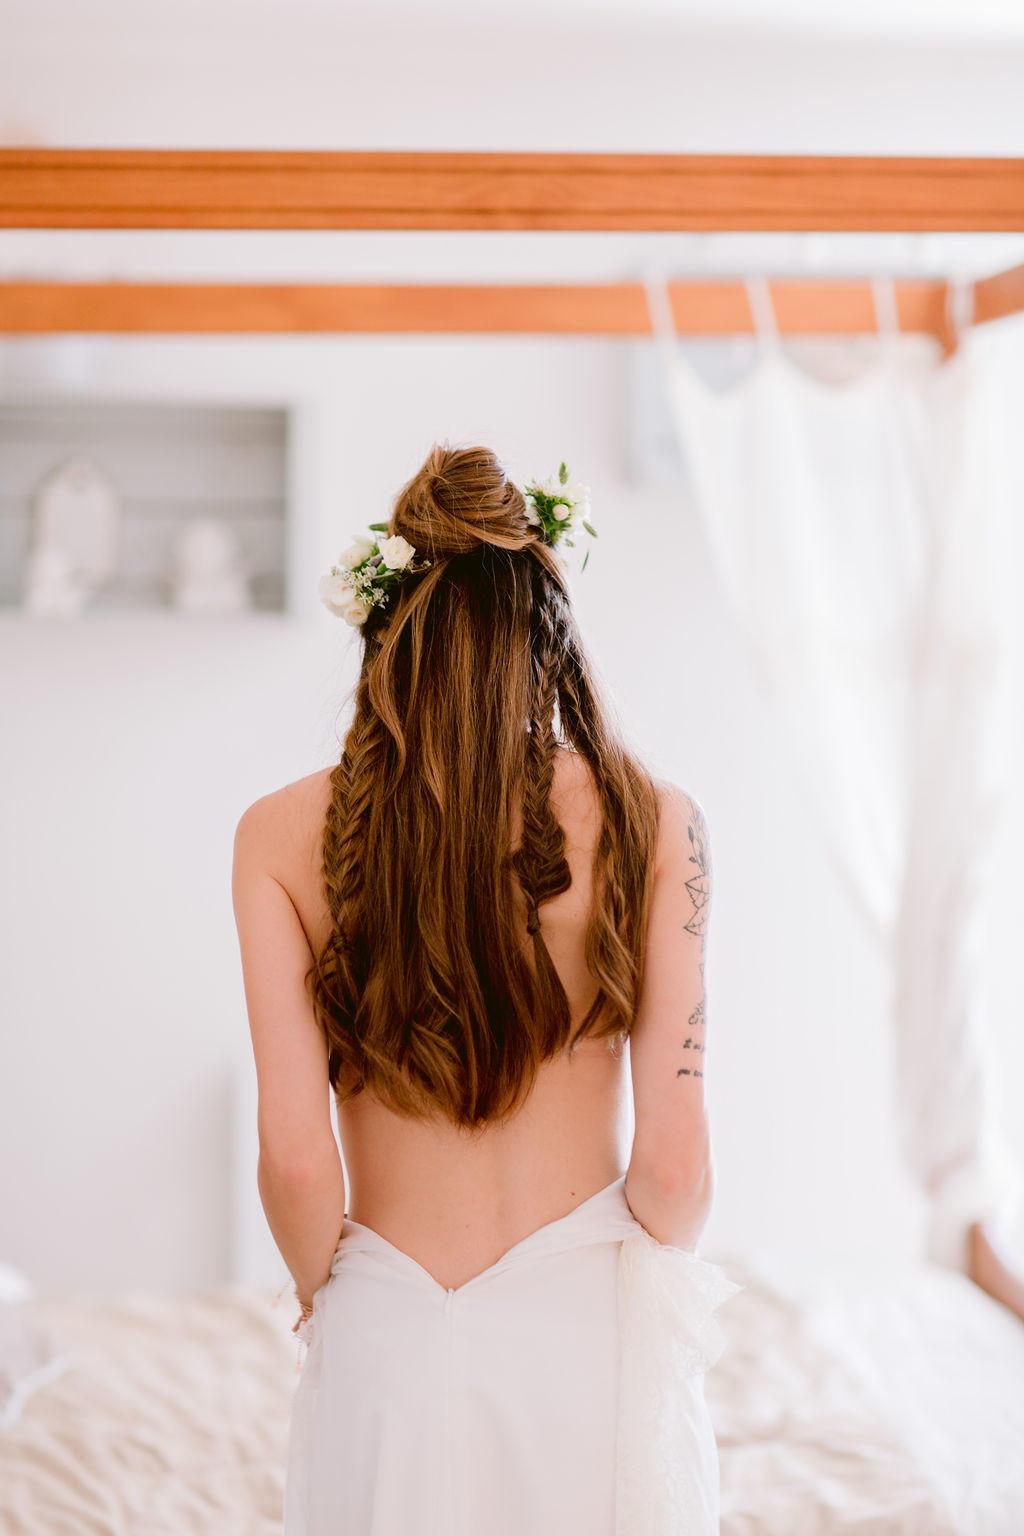 Séance boudoir pour Tressy juste avant de mettre sa robe de mariée.